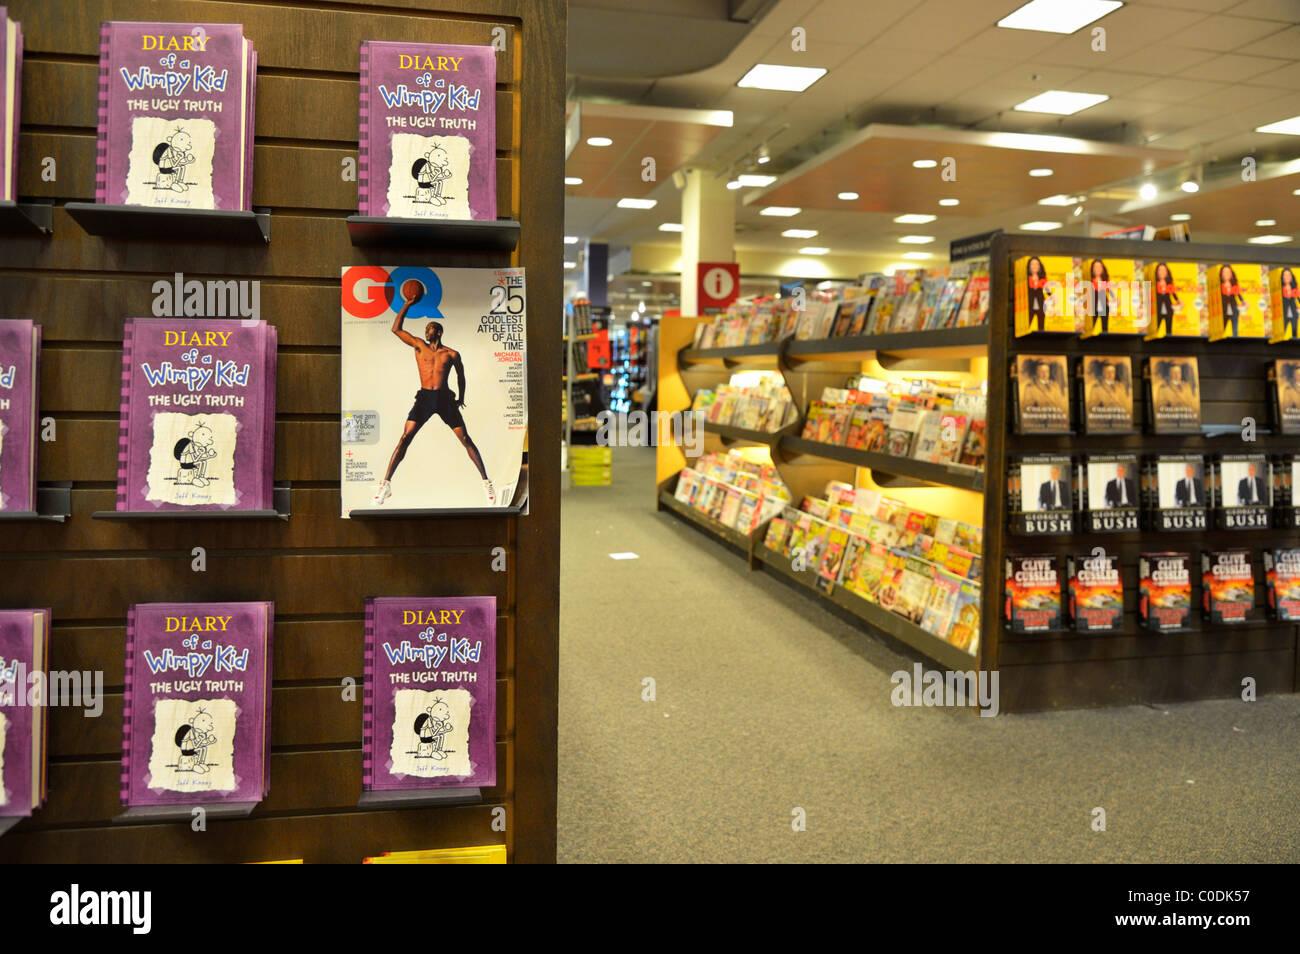 GQ Numero speciale su un giornale stand alle frontiere bookstore, San Jose, California CA Immagini Stock